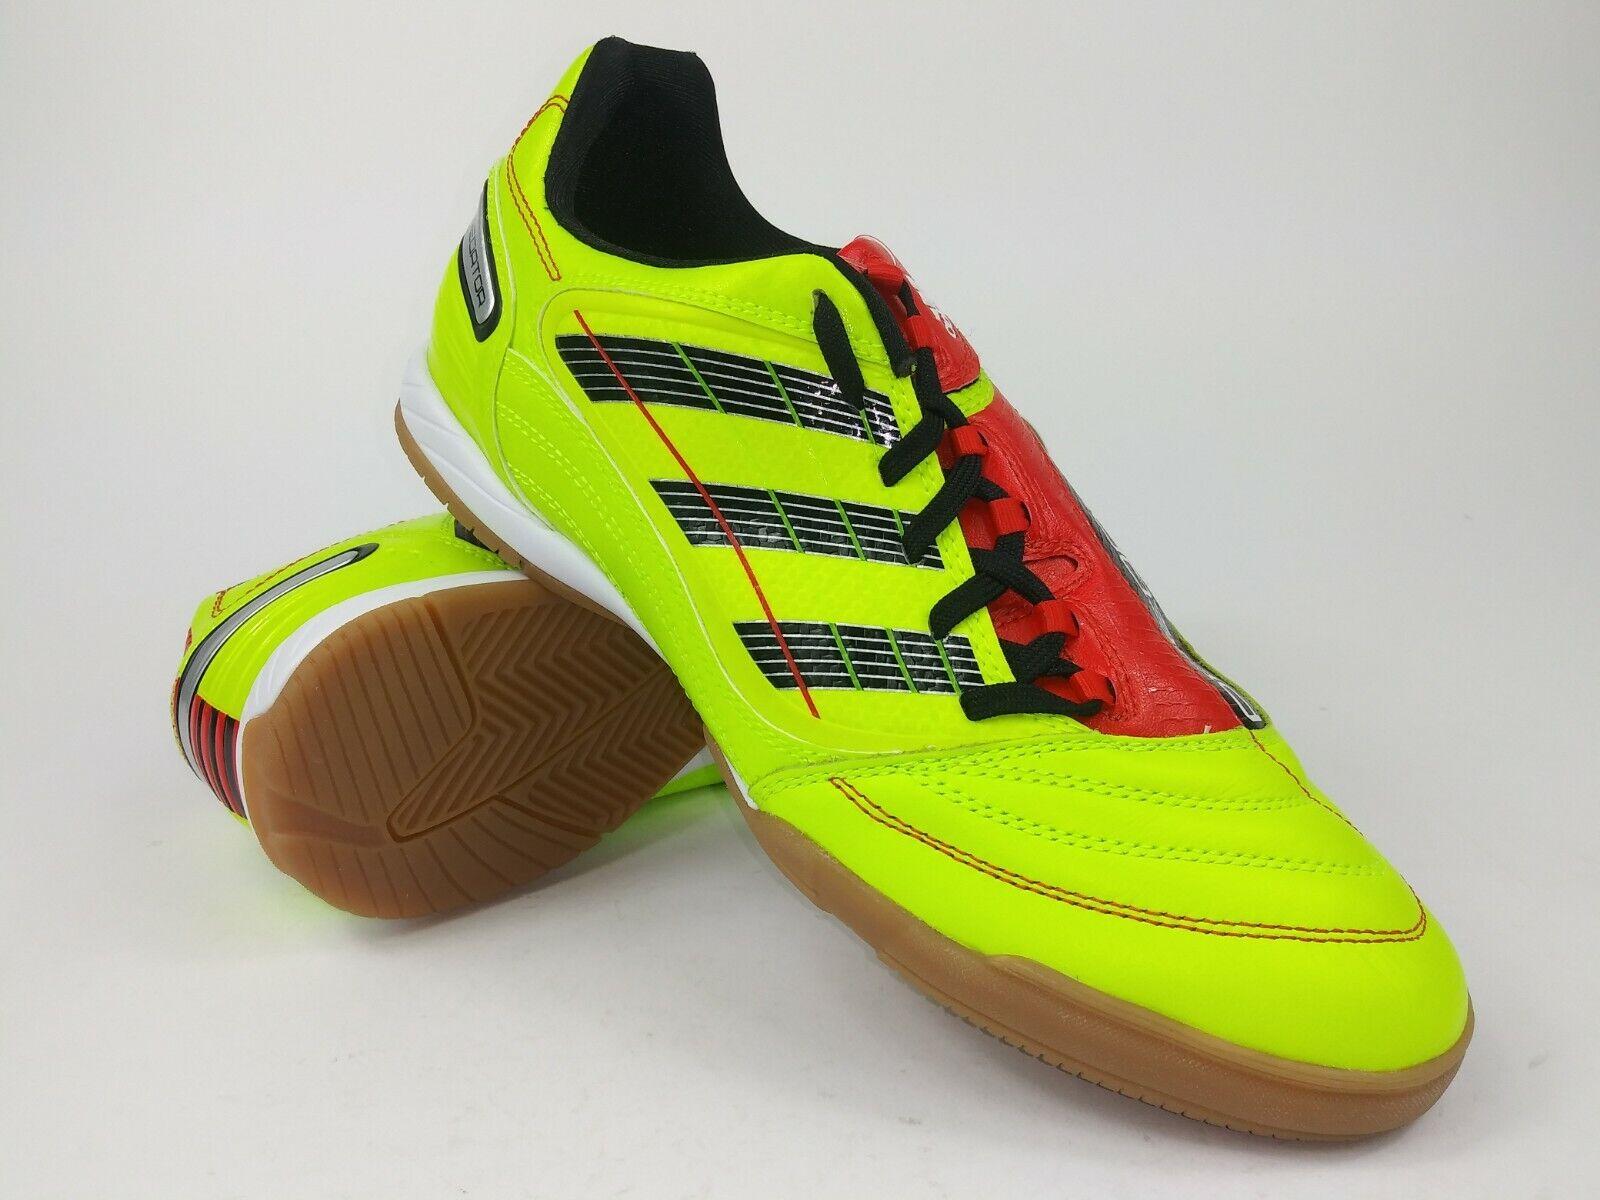 Adidas Mens Rare Prosso Absolado_X IN G43432 giallo rosso Indoor Soccer scarpe Dimensione 8